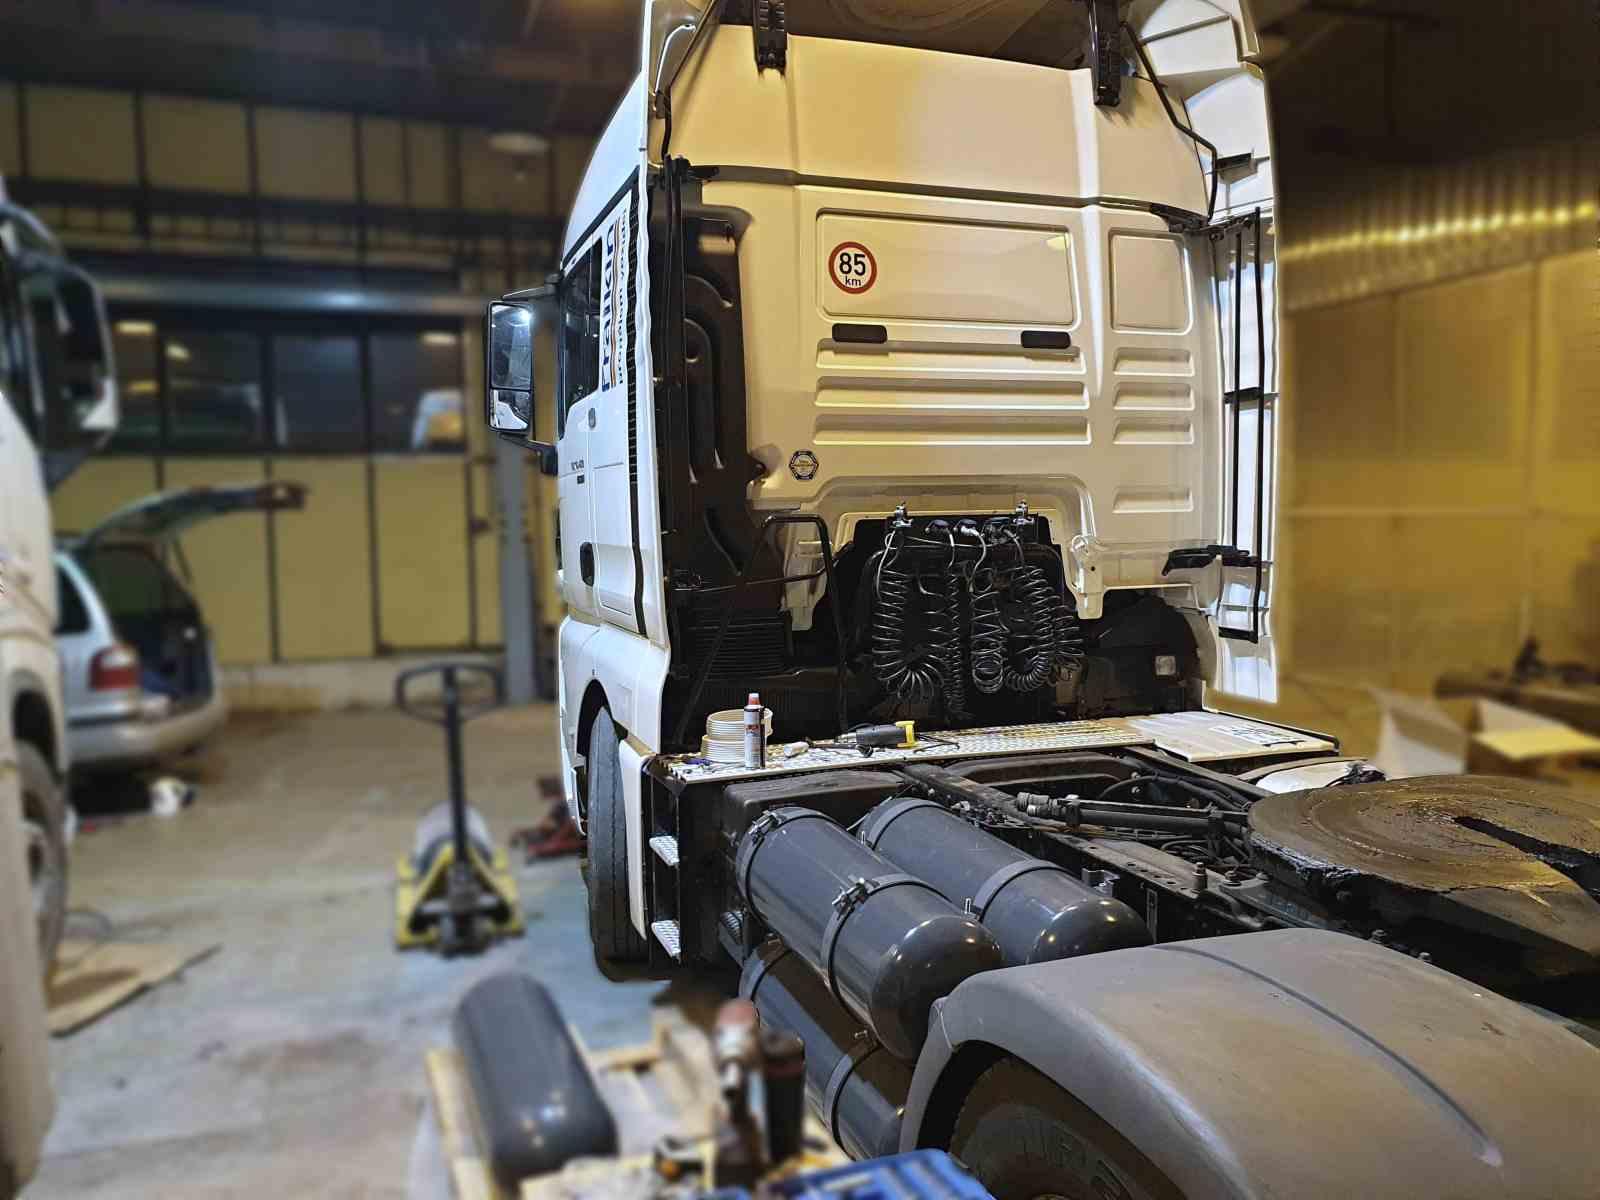 MAN TGX 18.440 diesel CNG